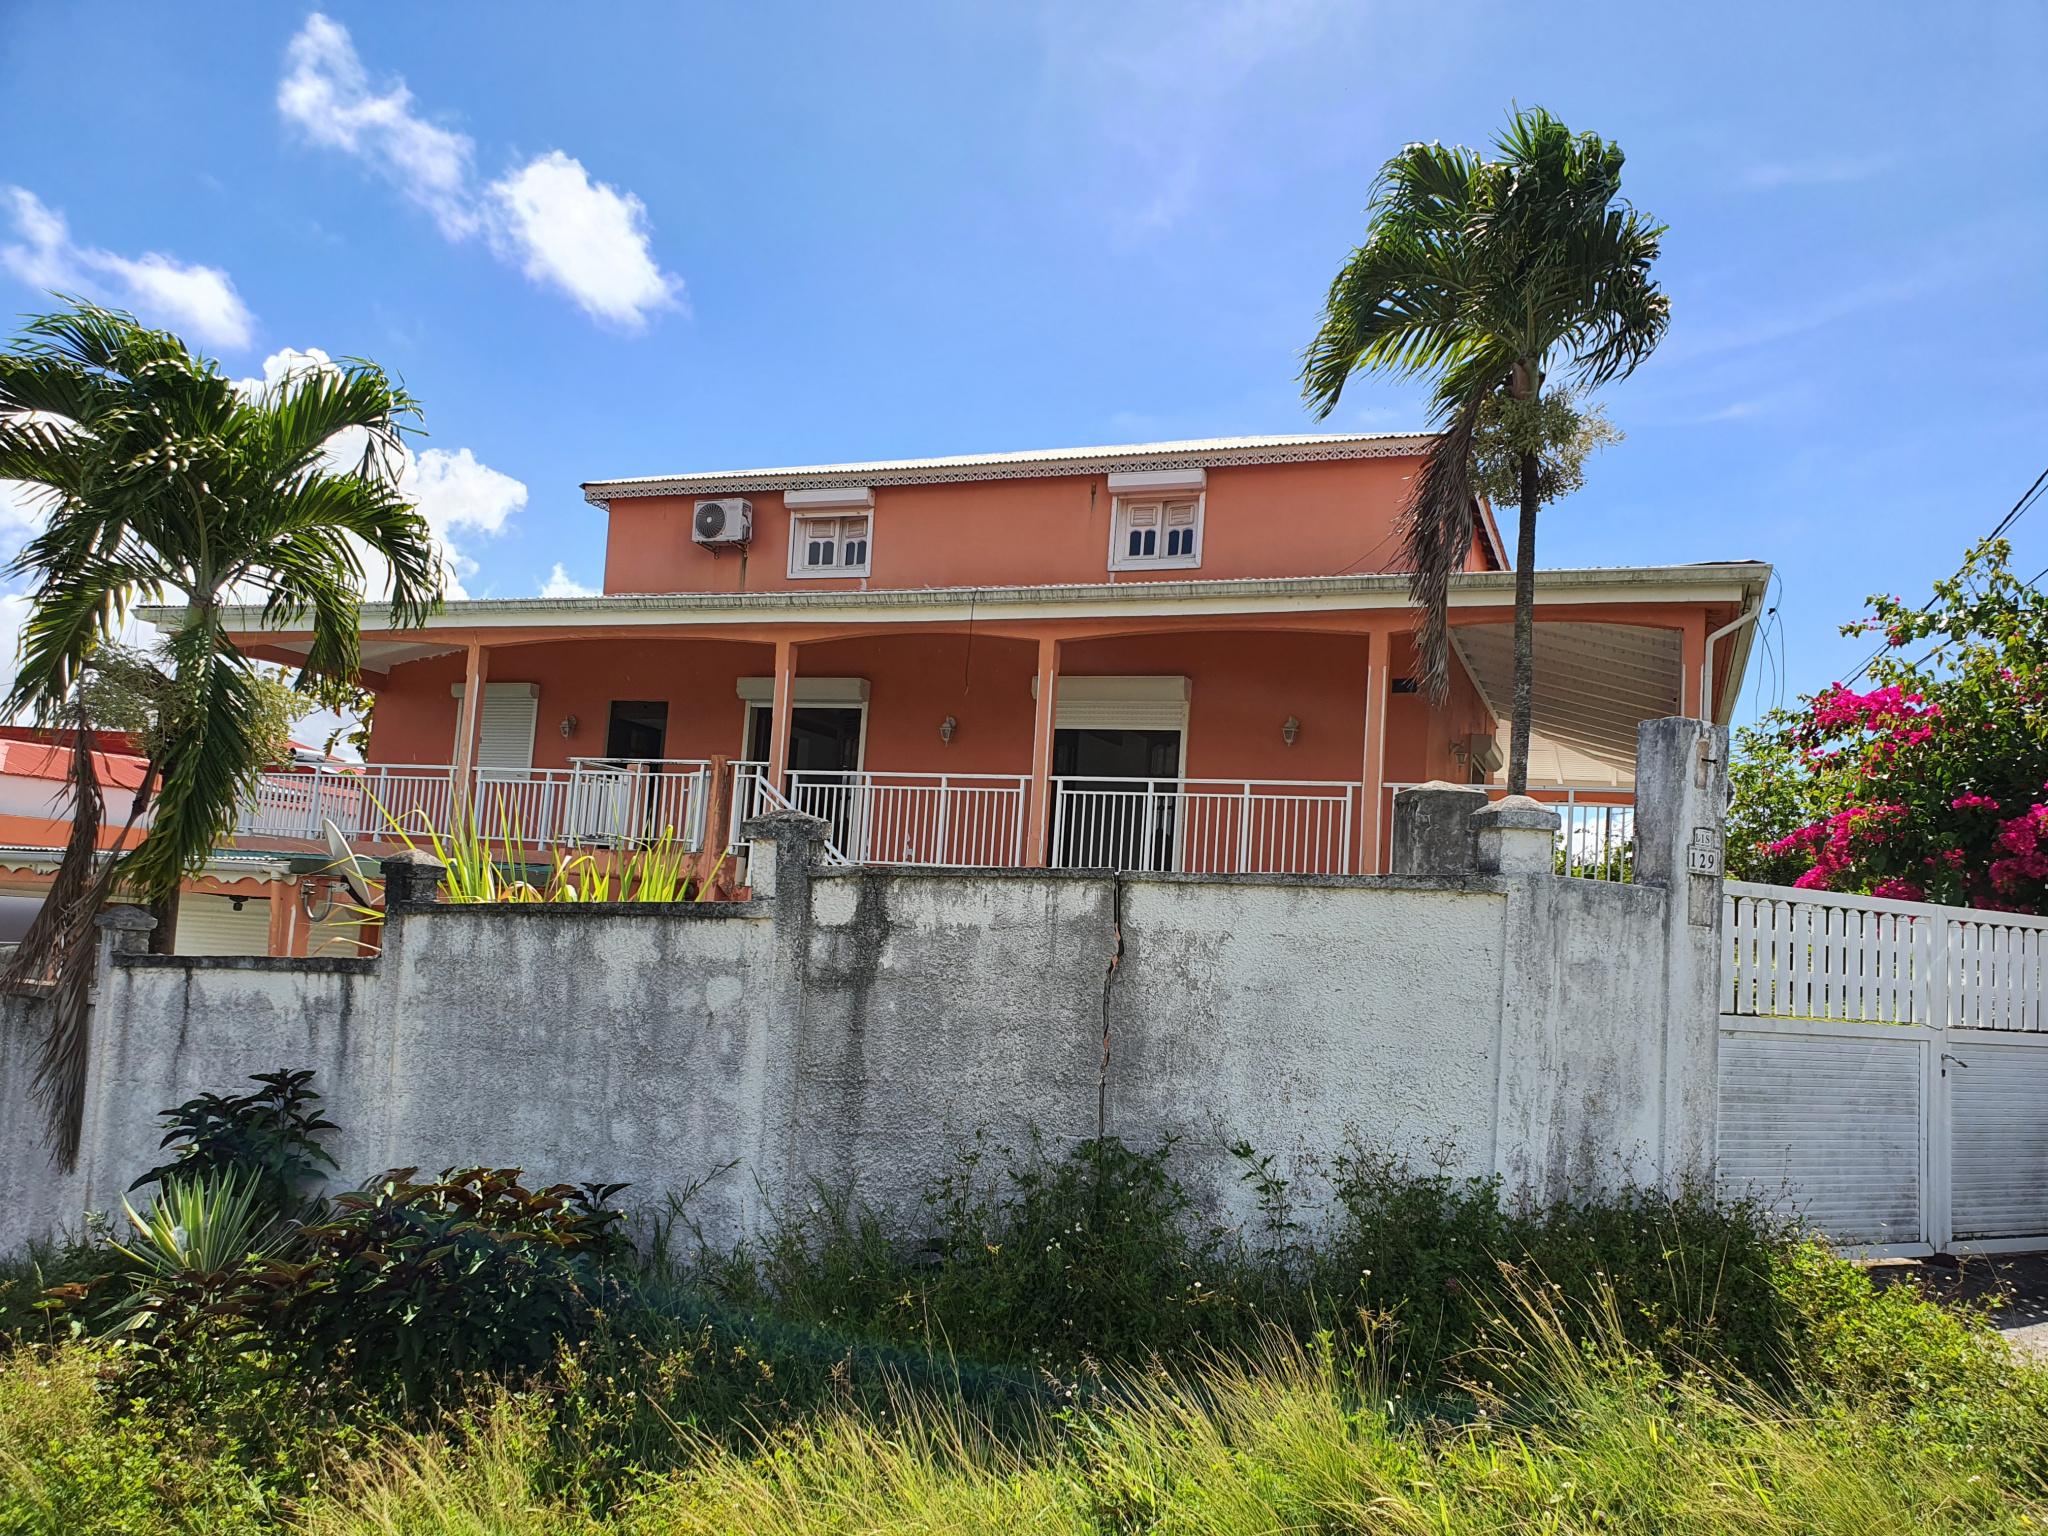 maison/villa A vendre PETIT BOURG